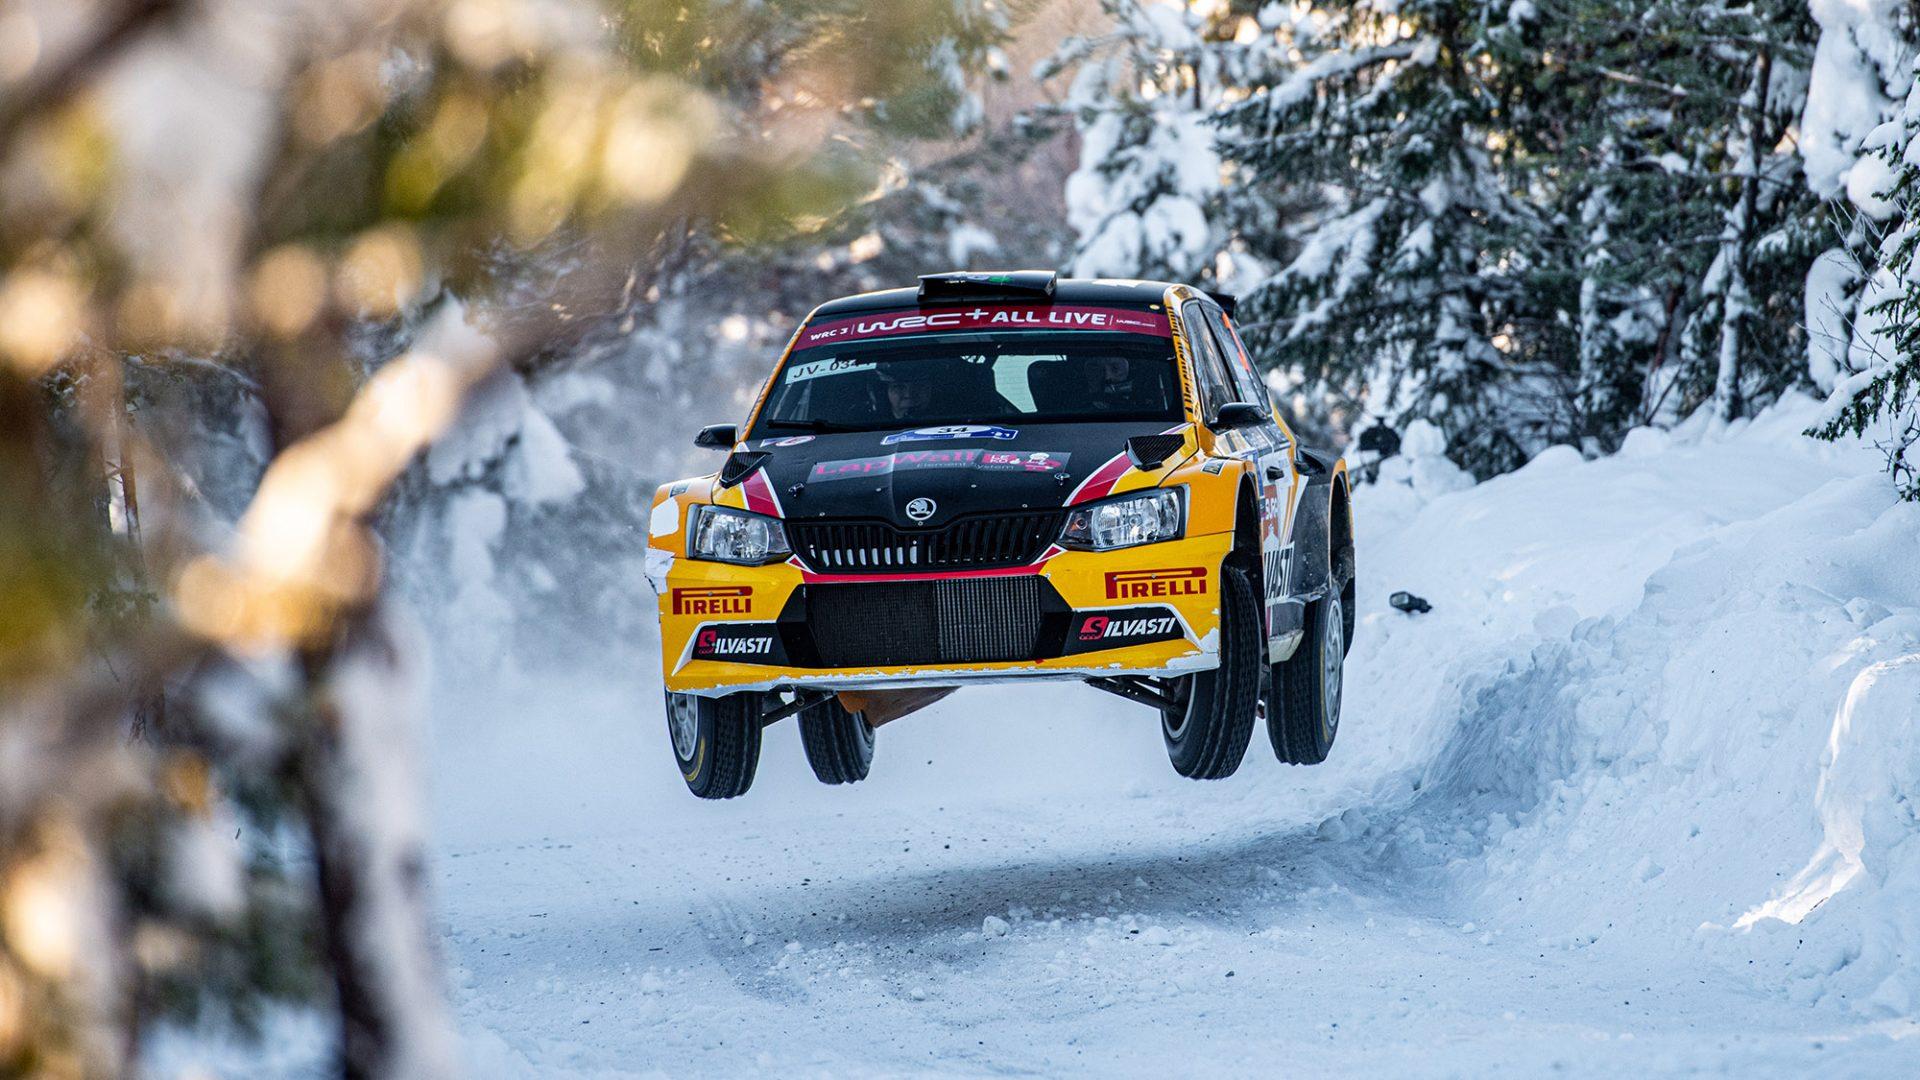 Stáhněte si tapety do mobilu z Arctic Rally Finland